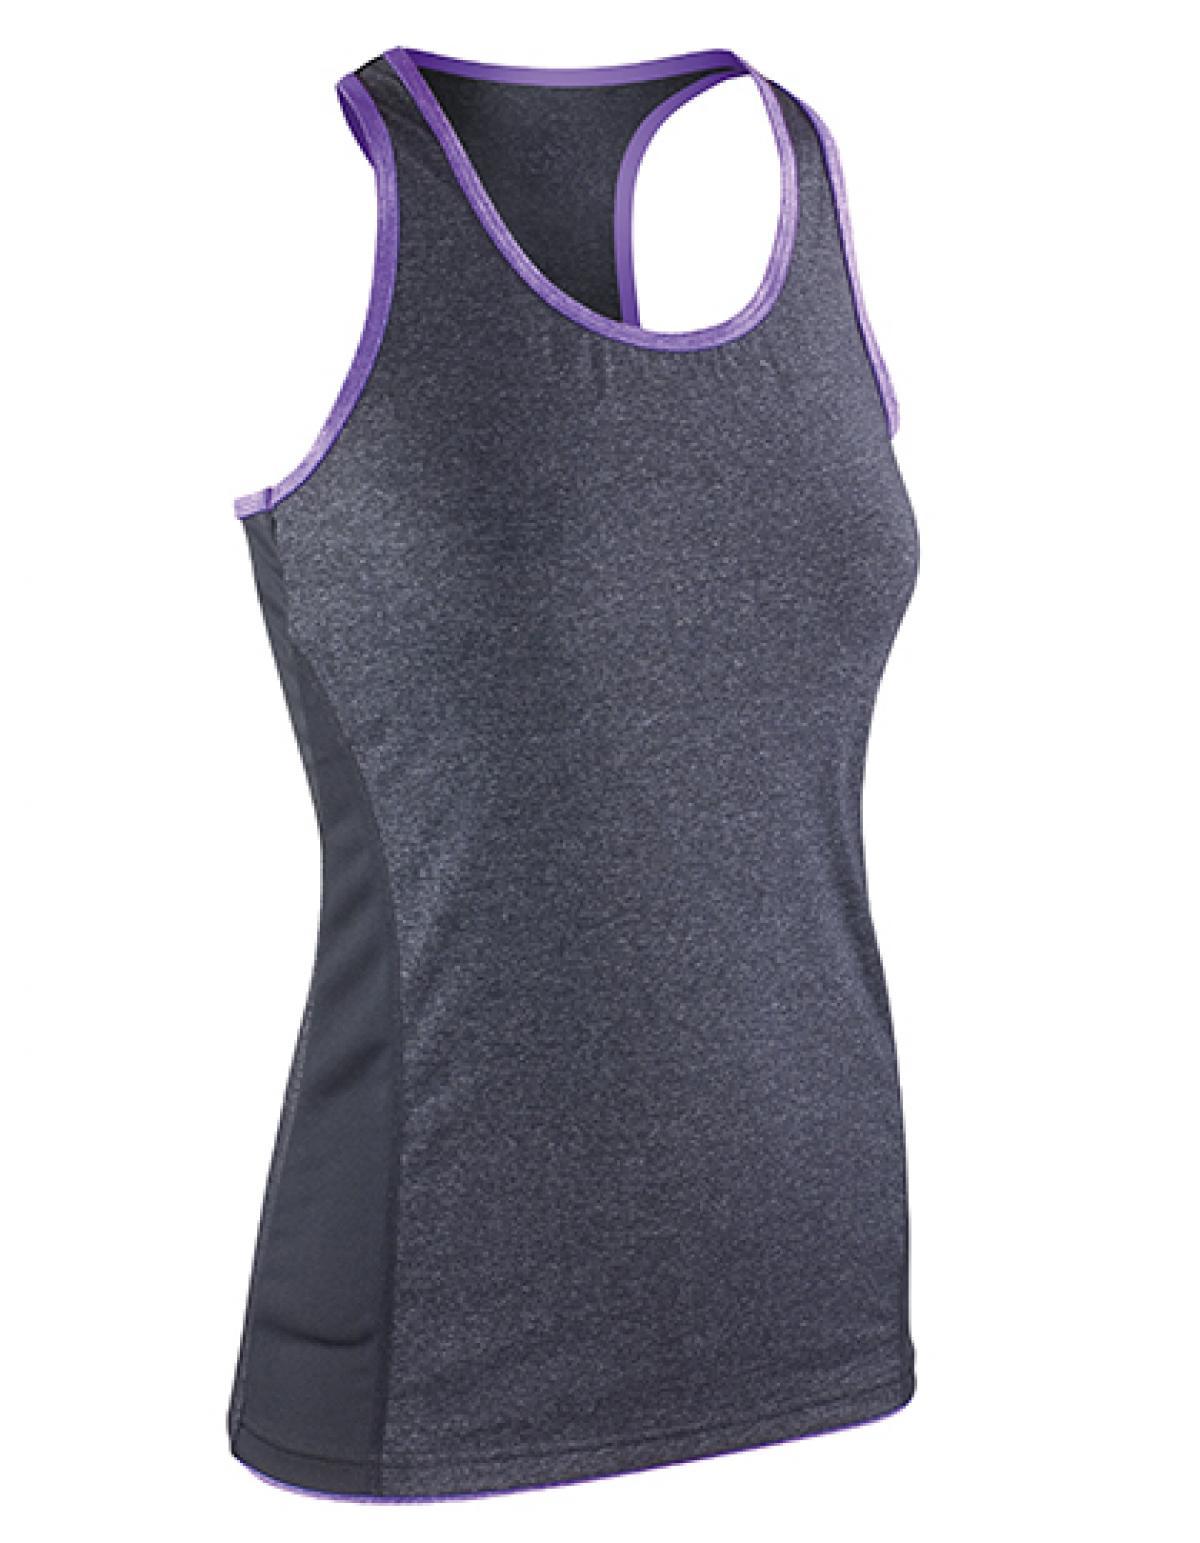 damen tank top fitness t shirt stringer back marl top. Black Bedroom Furniture Sets. Home Design Ideas